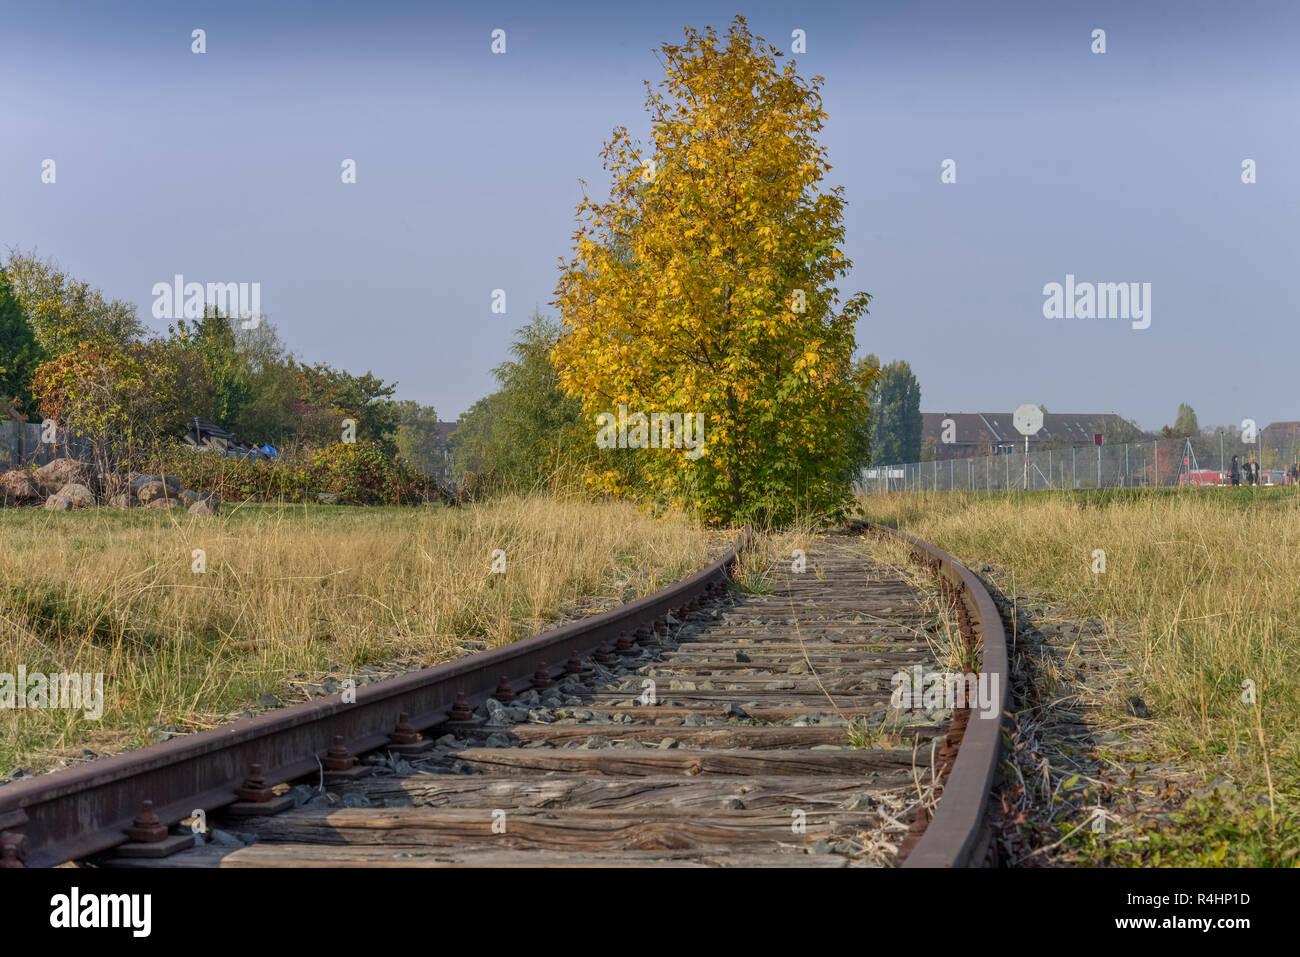 Rails, airport Tempelhof, Berlin, Germany, Schienen, Flughafen Tempelhof, Deutschland - Stock Image